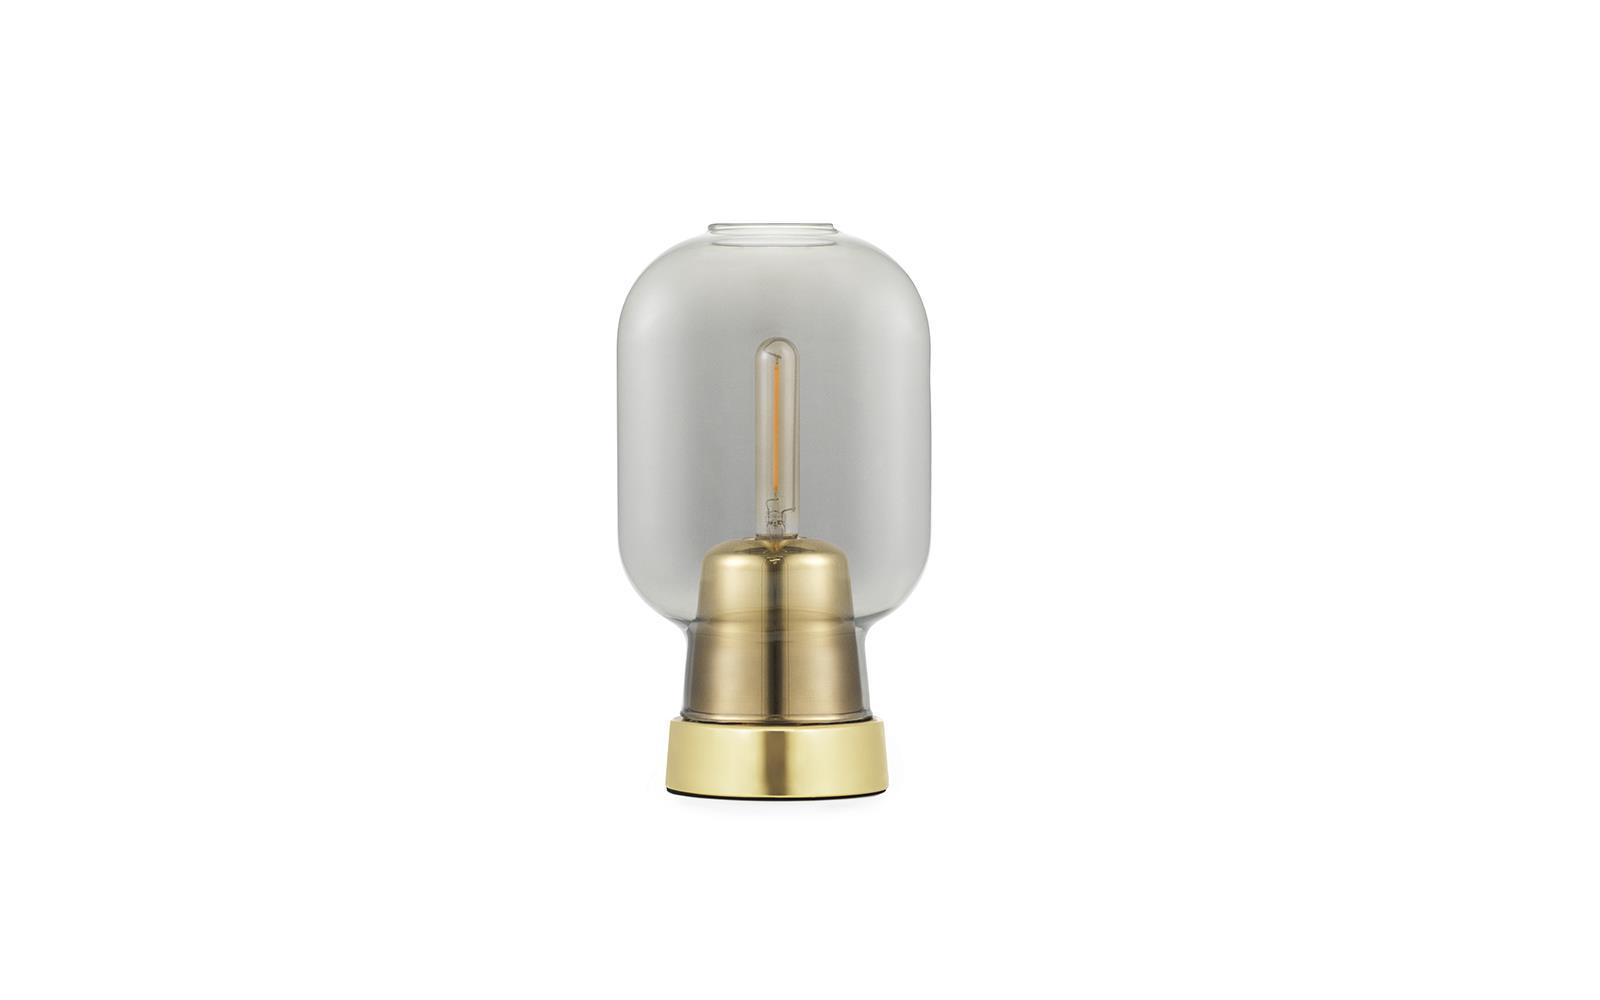 Amp tafellamp-2